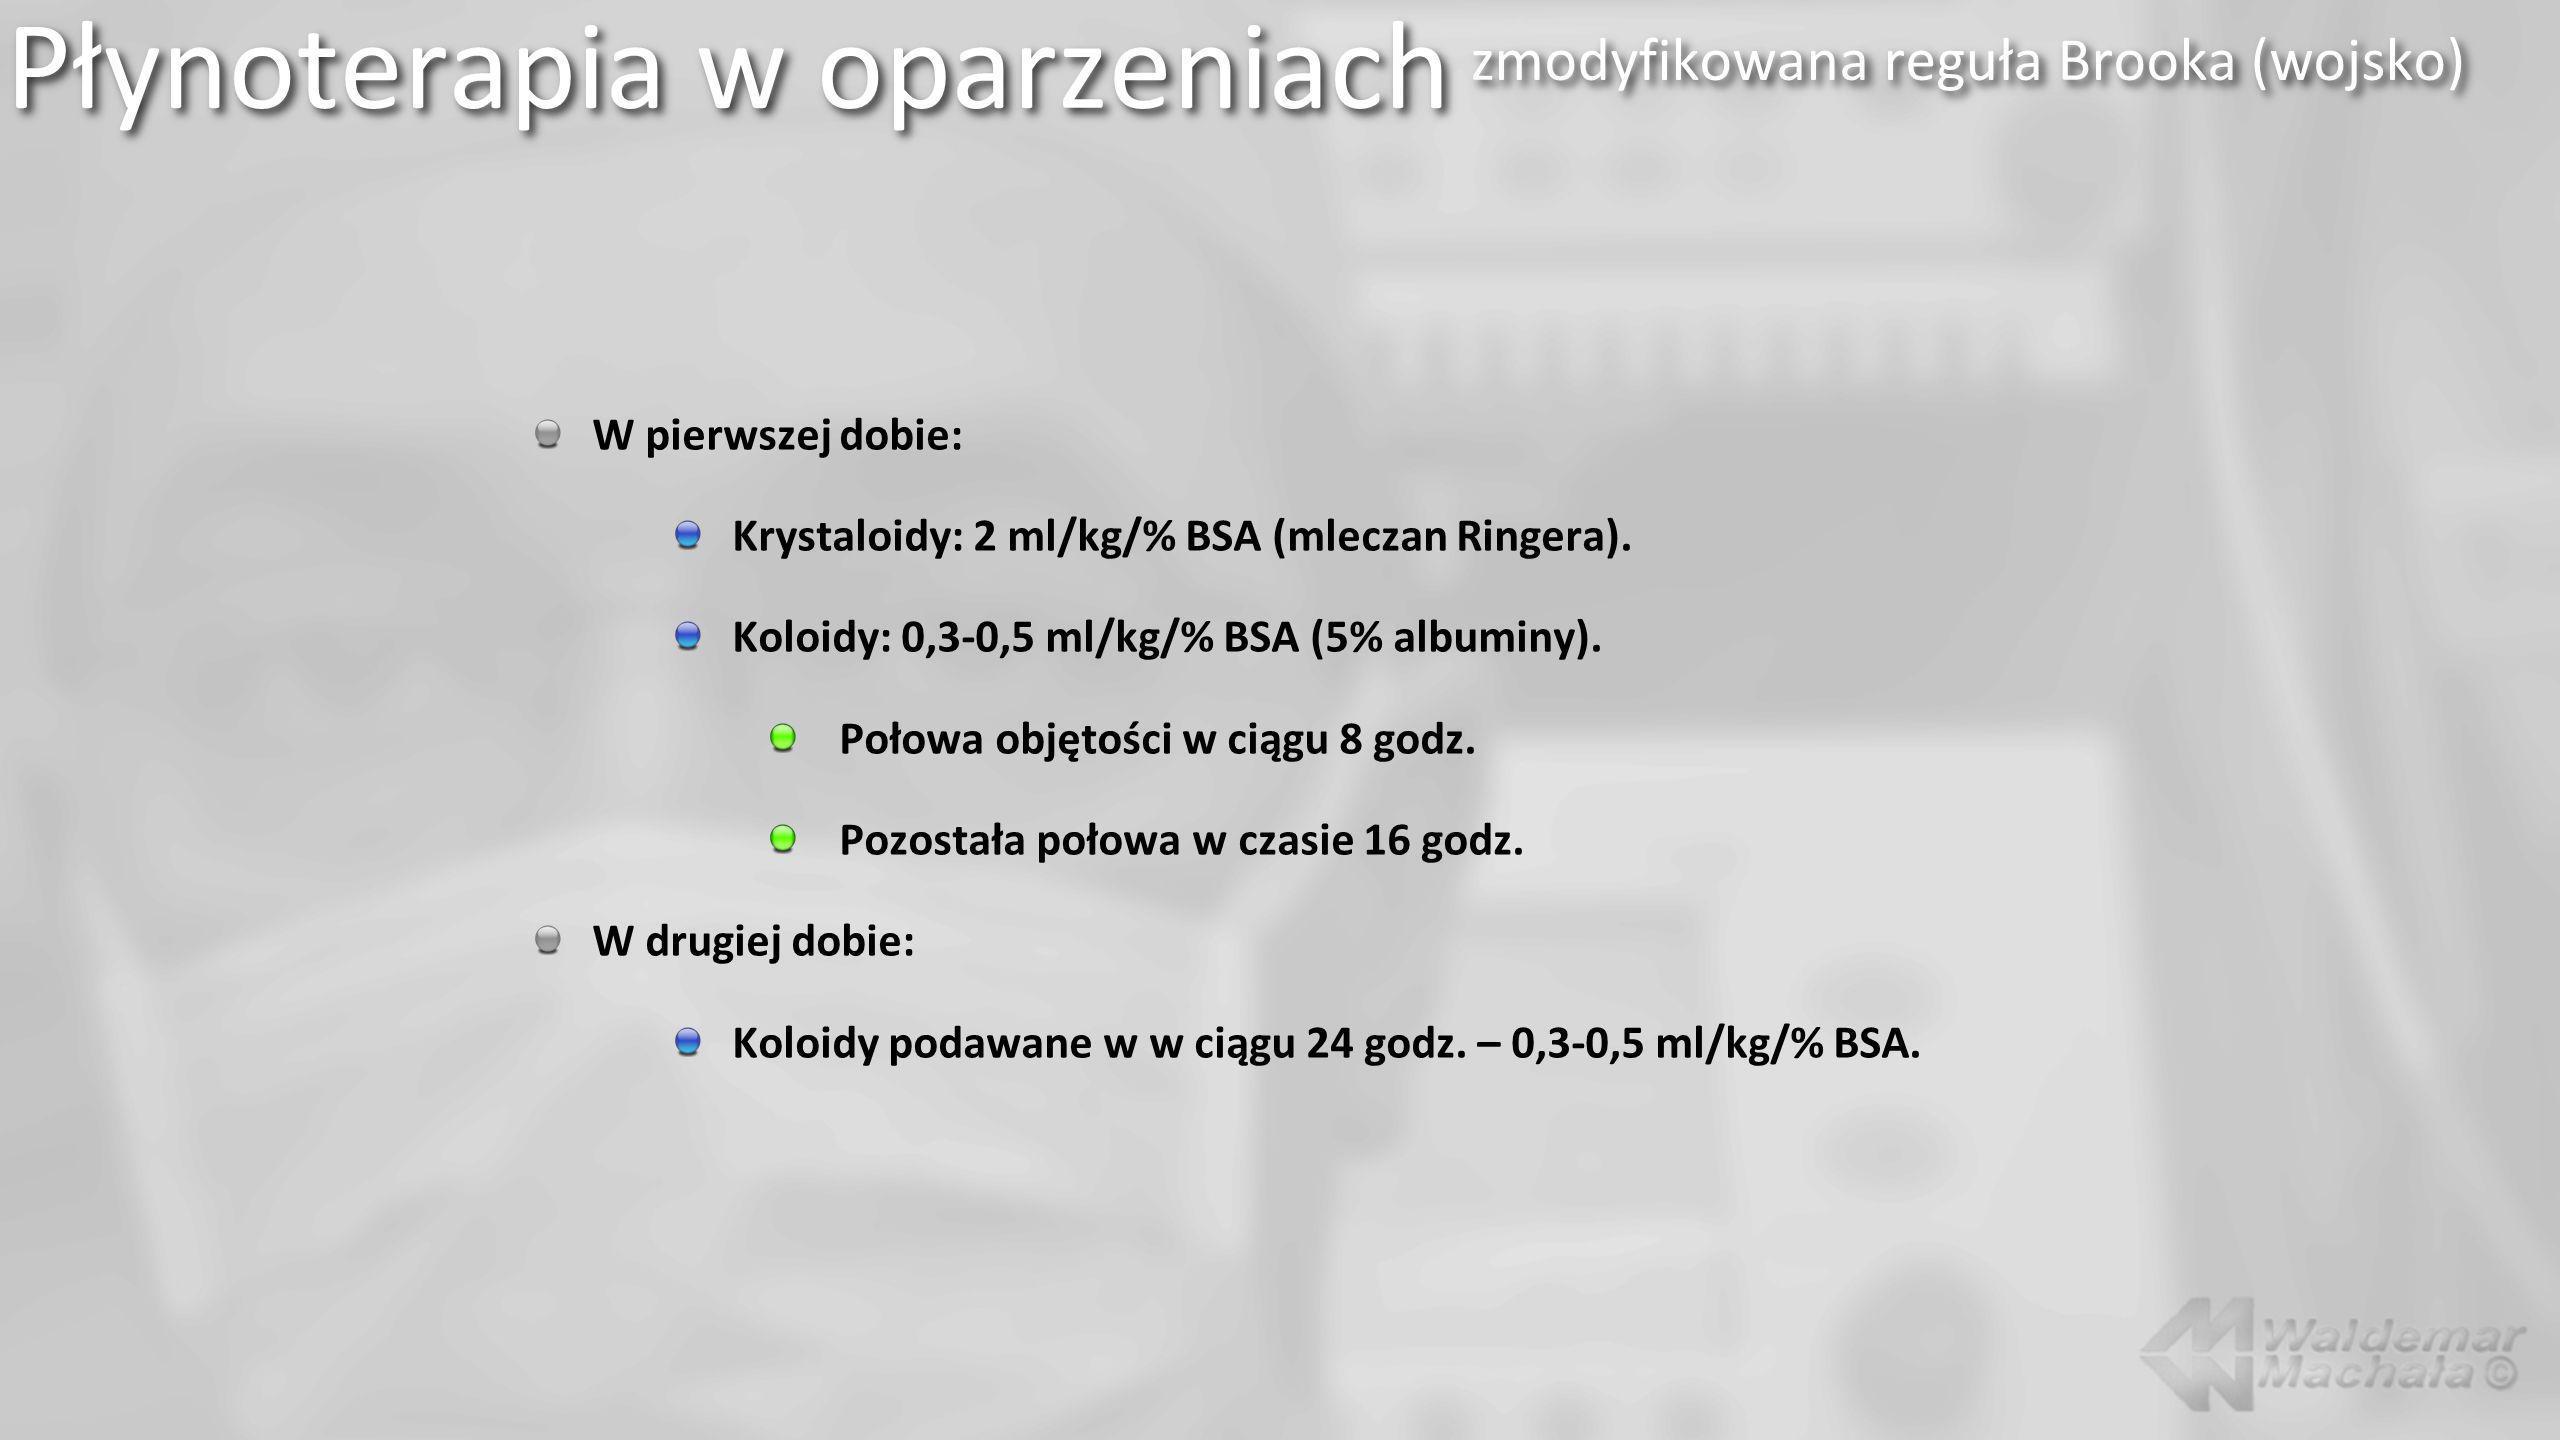 W pierwszej dobie: Krystaloidy: 2 ml/kg/% BSA (mleczan Ringera).